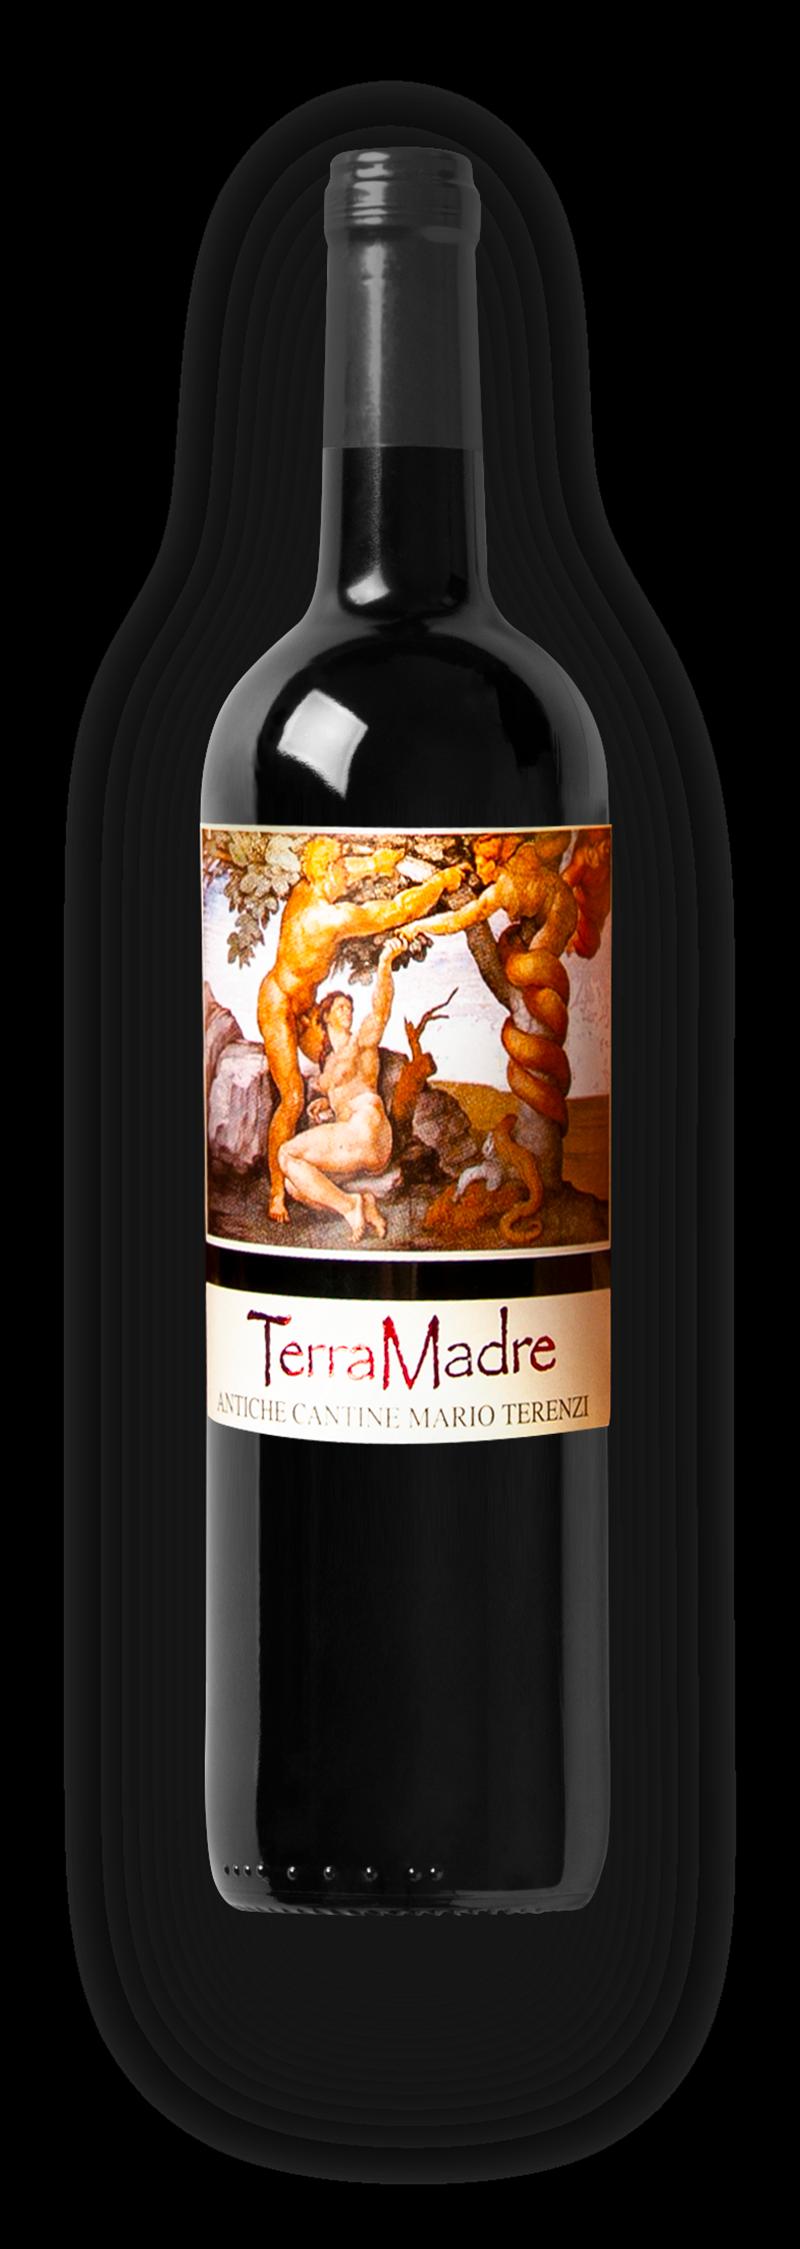 Antiche Cantine Mario Terenzi: Terra Madre Rosso